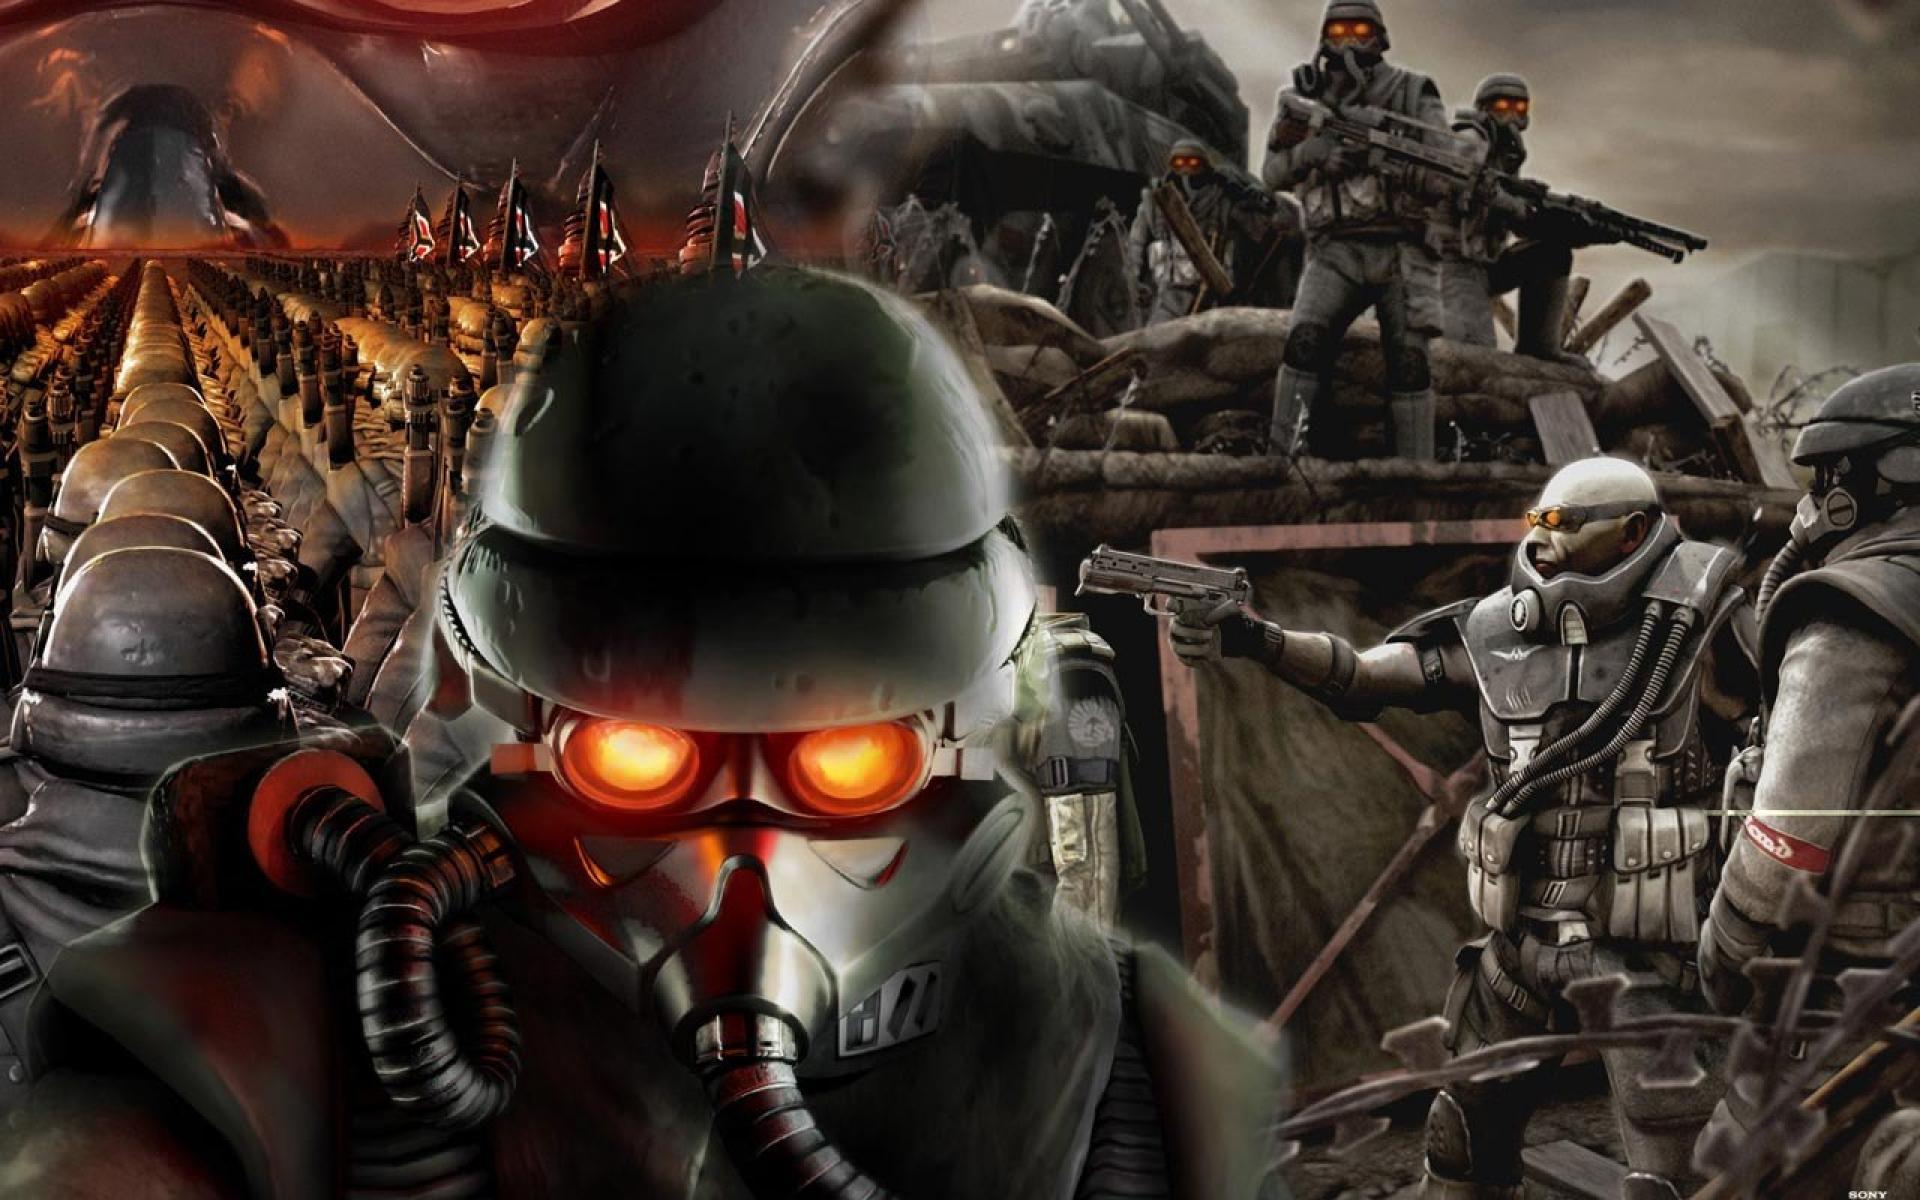 Minimalist Wallpaper Fall Killzone Warrior Soldier Sci Fi M Wallpaper 1920x1200